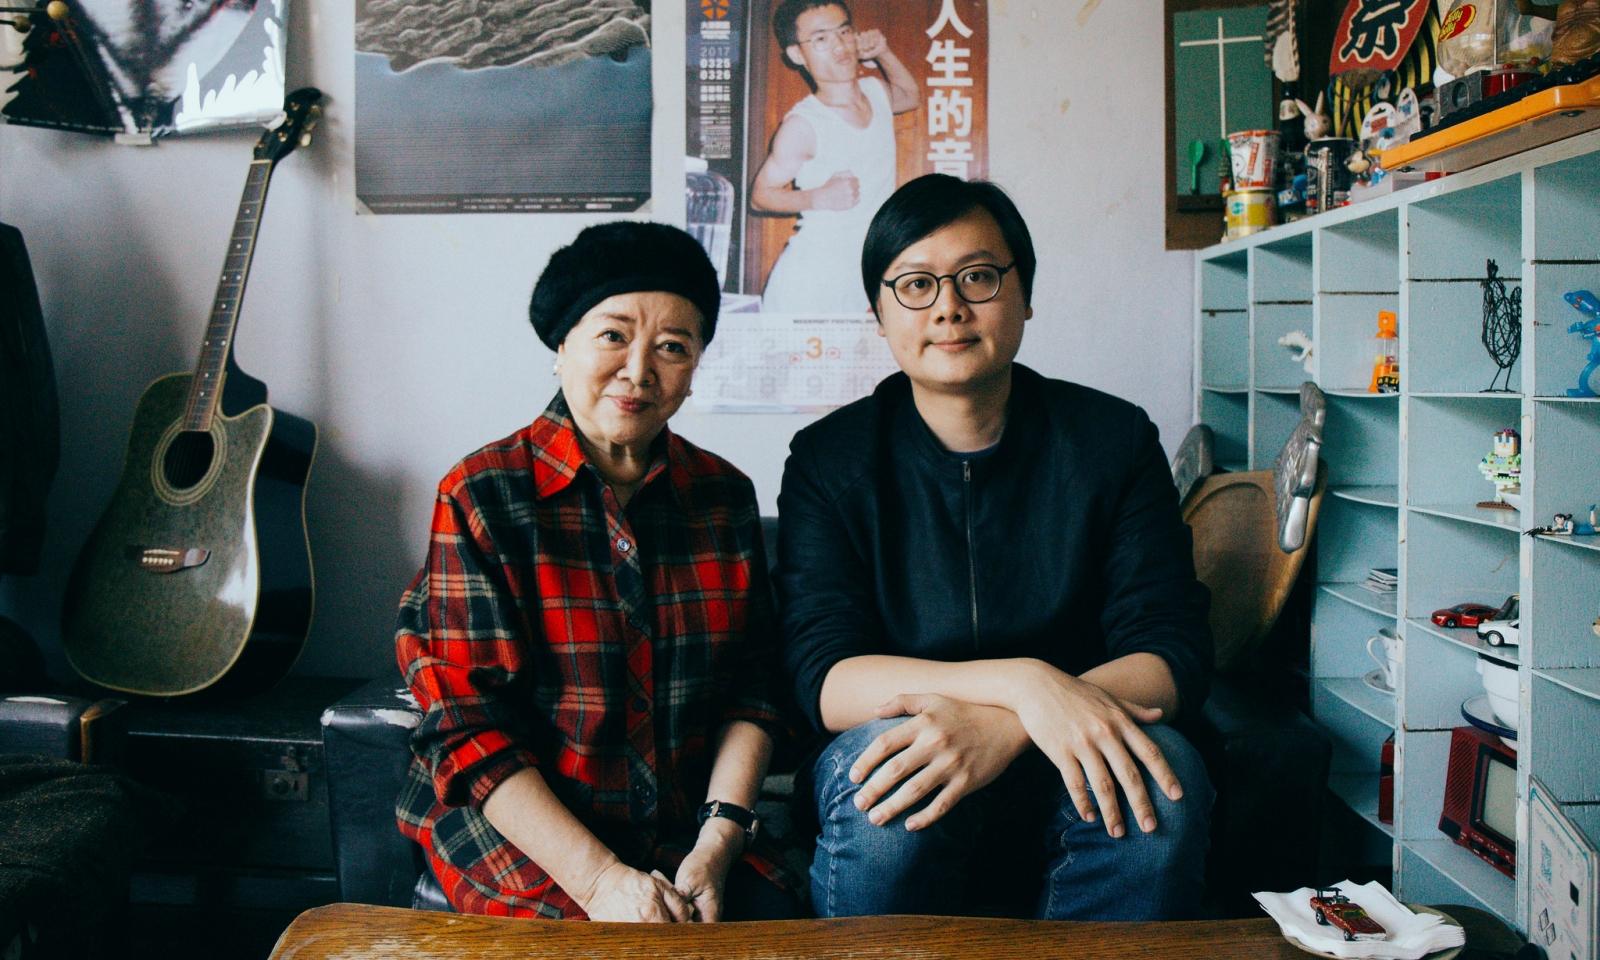 用小吃感化國際劇組,拍出台灣味 ——專訪《孤味》導演許承傑、演員陳淑芳